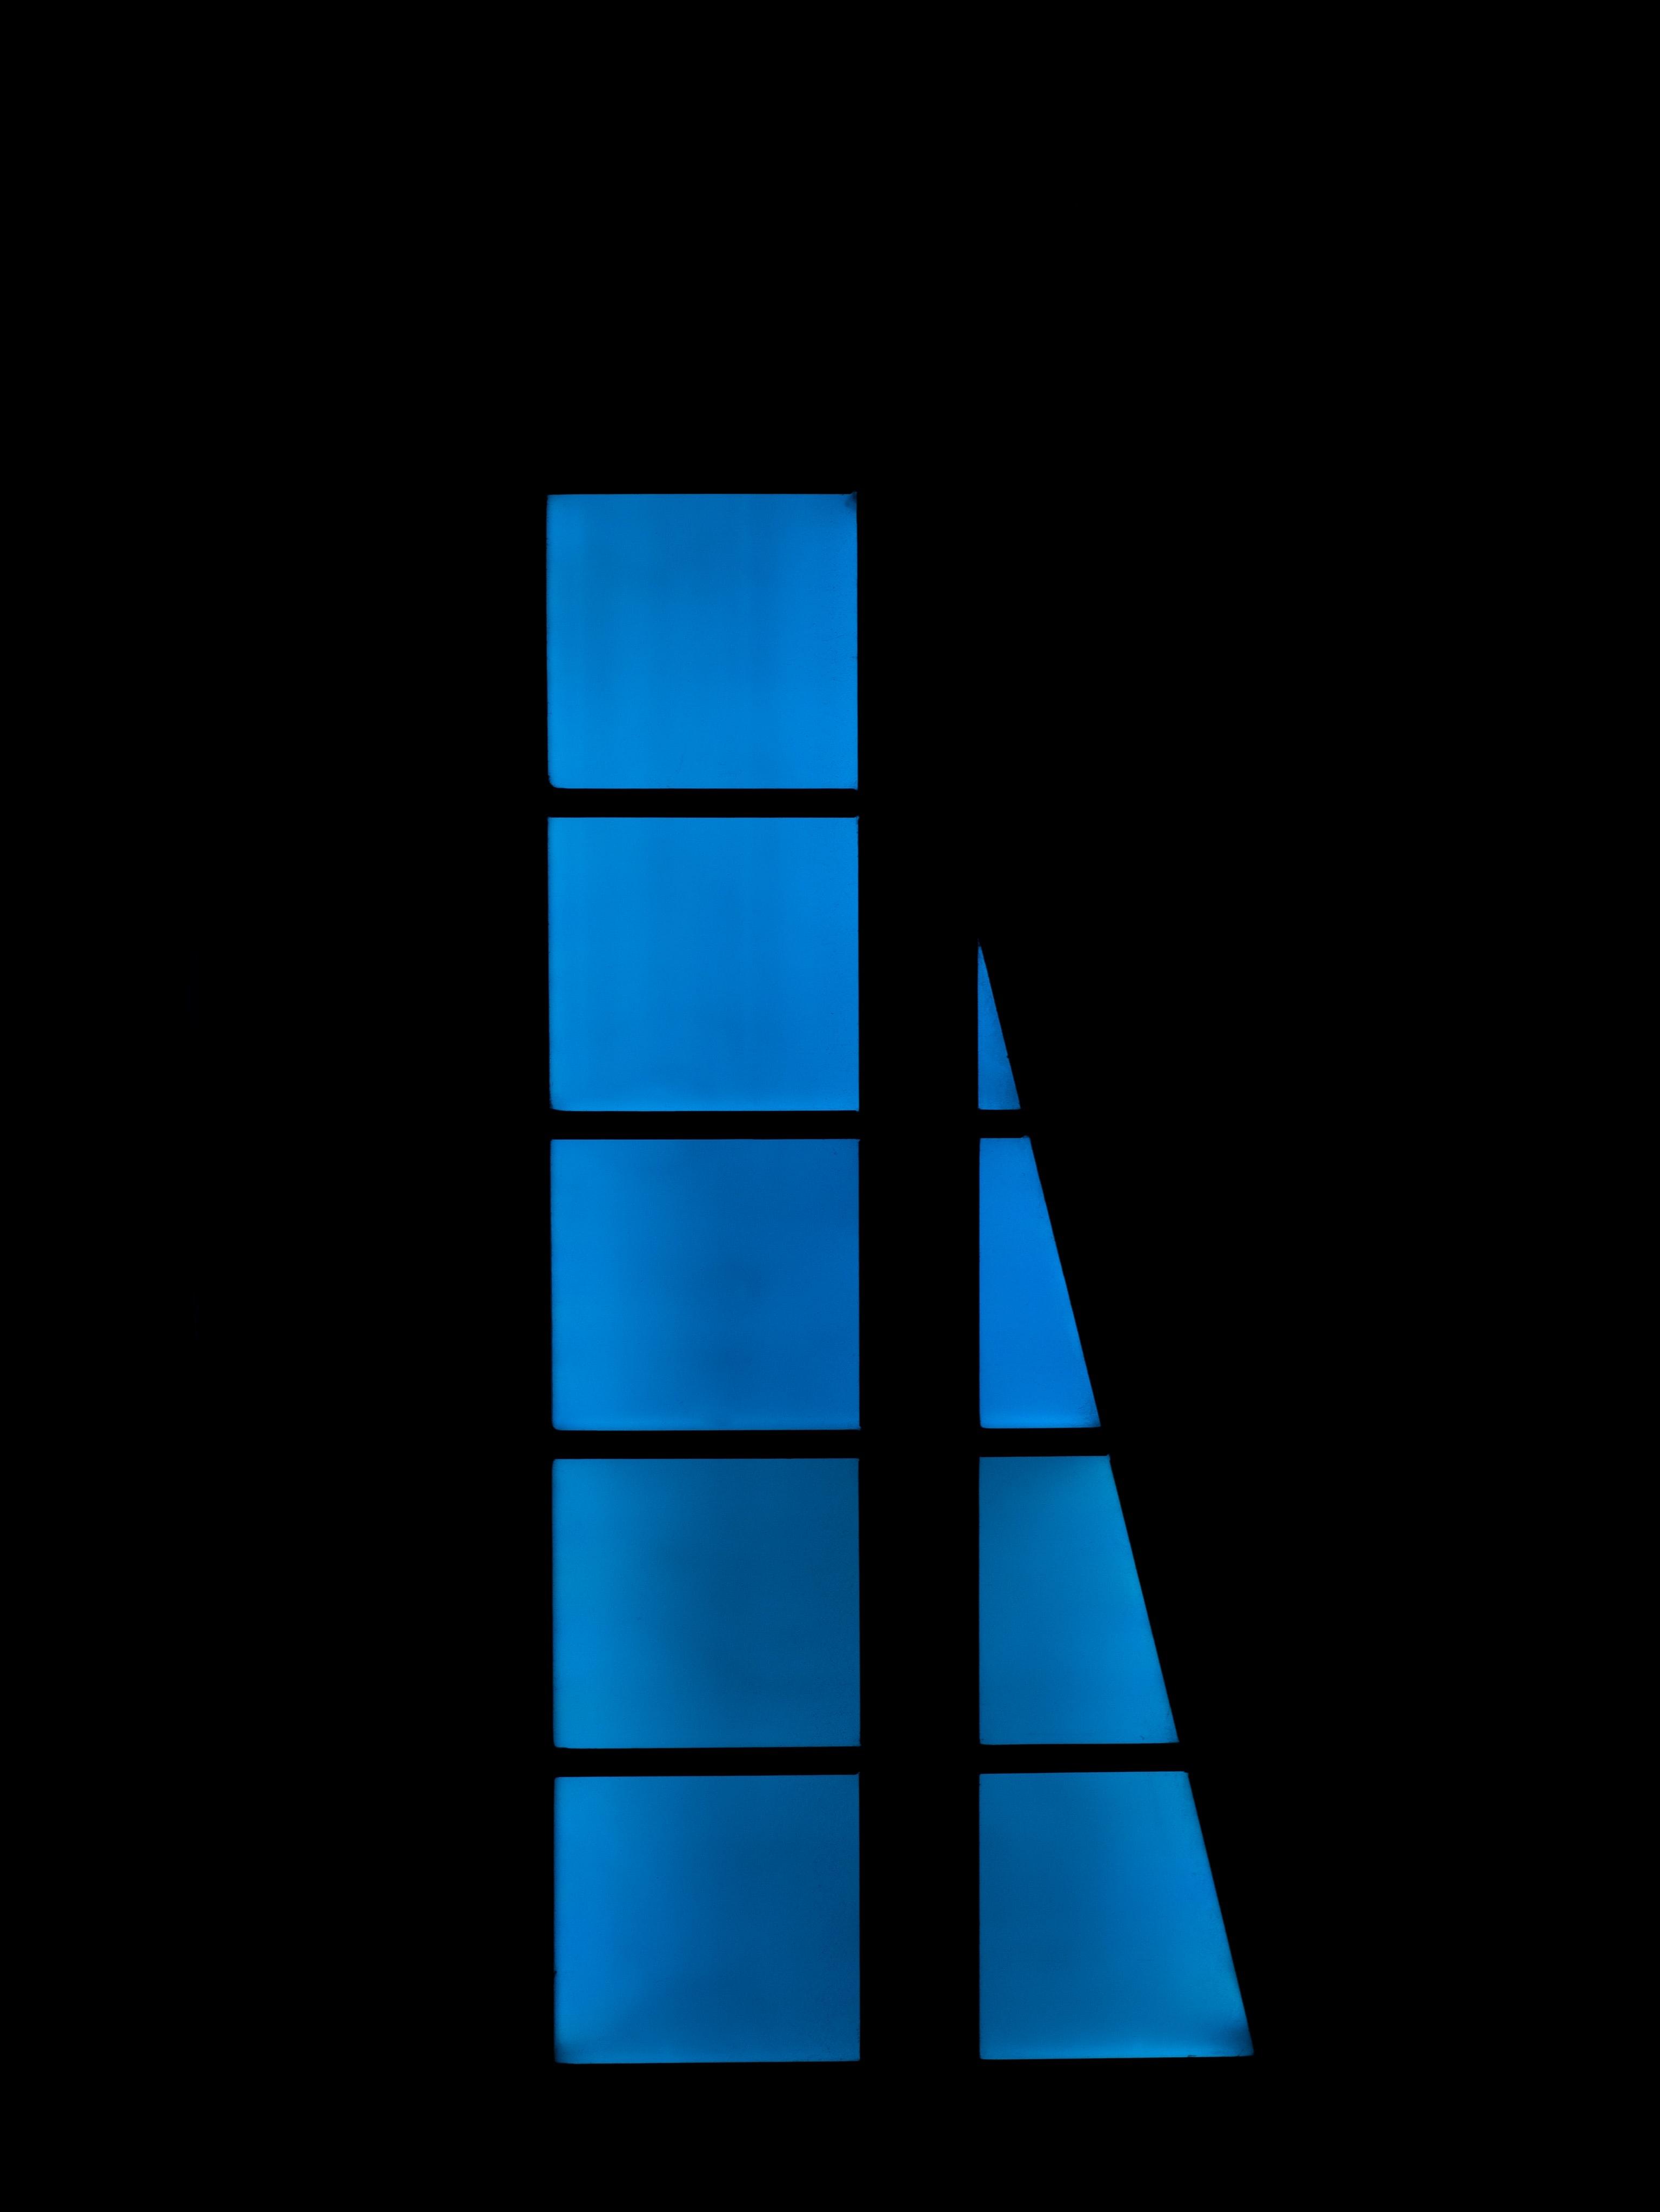 118497 скачать обои Темные, Темный, Синий, Окно, Темнота - заставки и картинки бесплатно